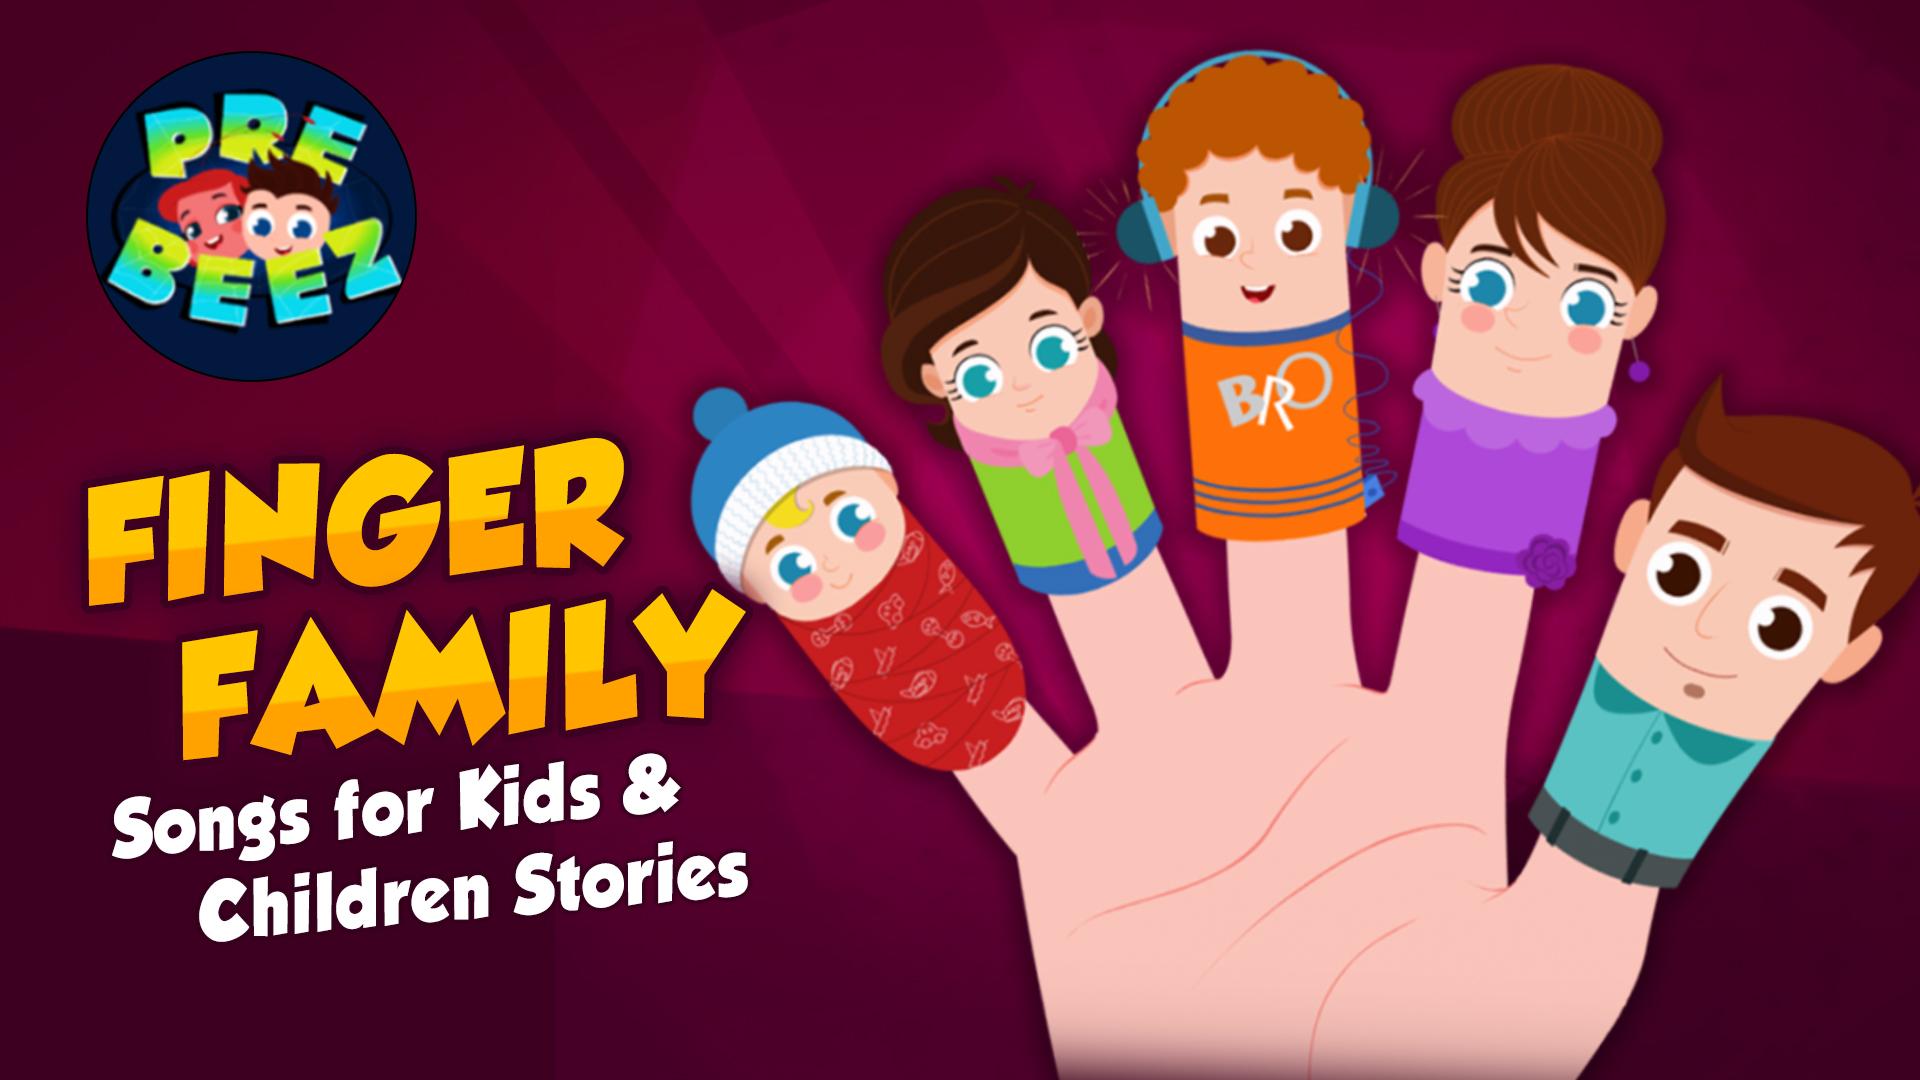 Finger Family Songs for Kids & Children Stories - Preebeez